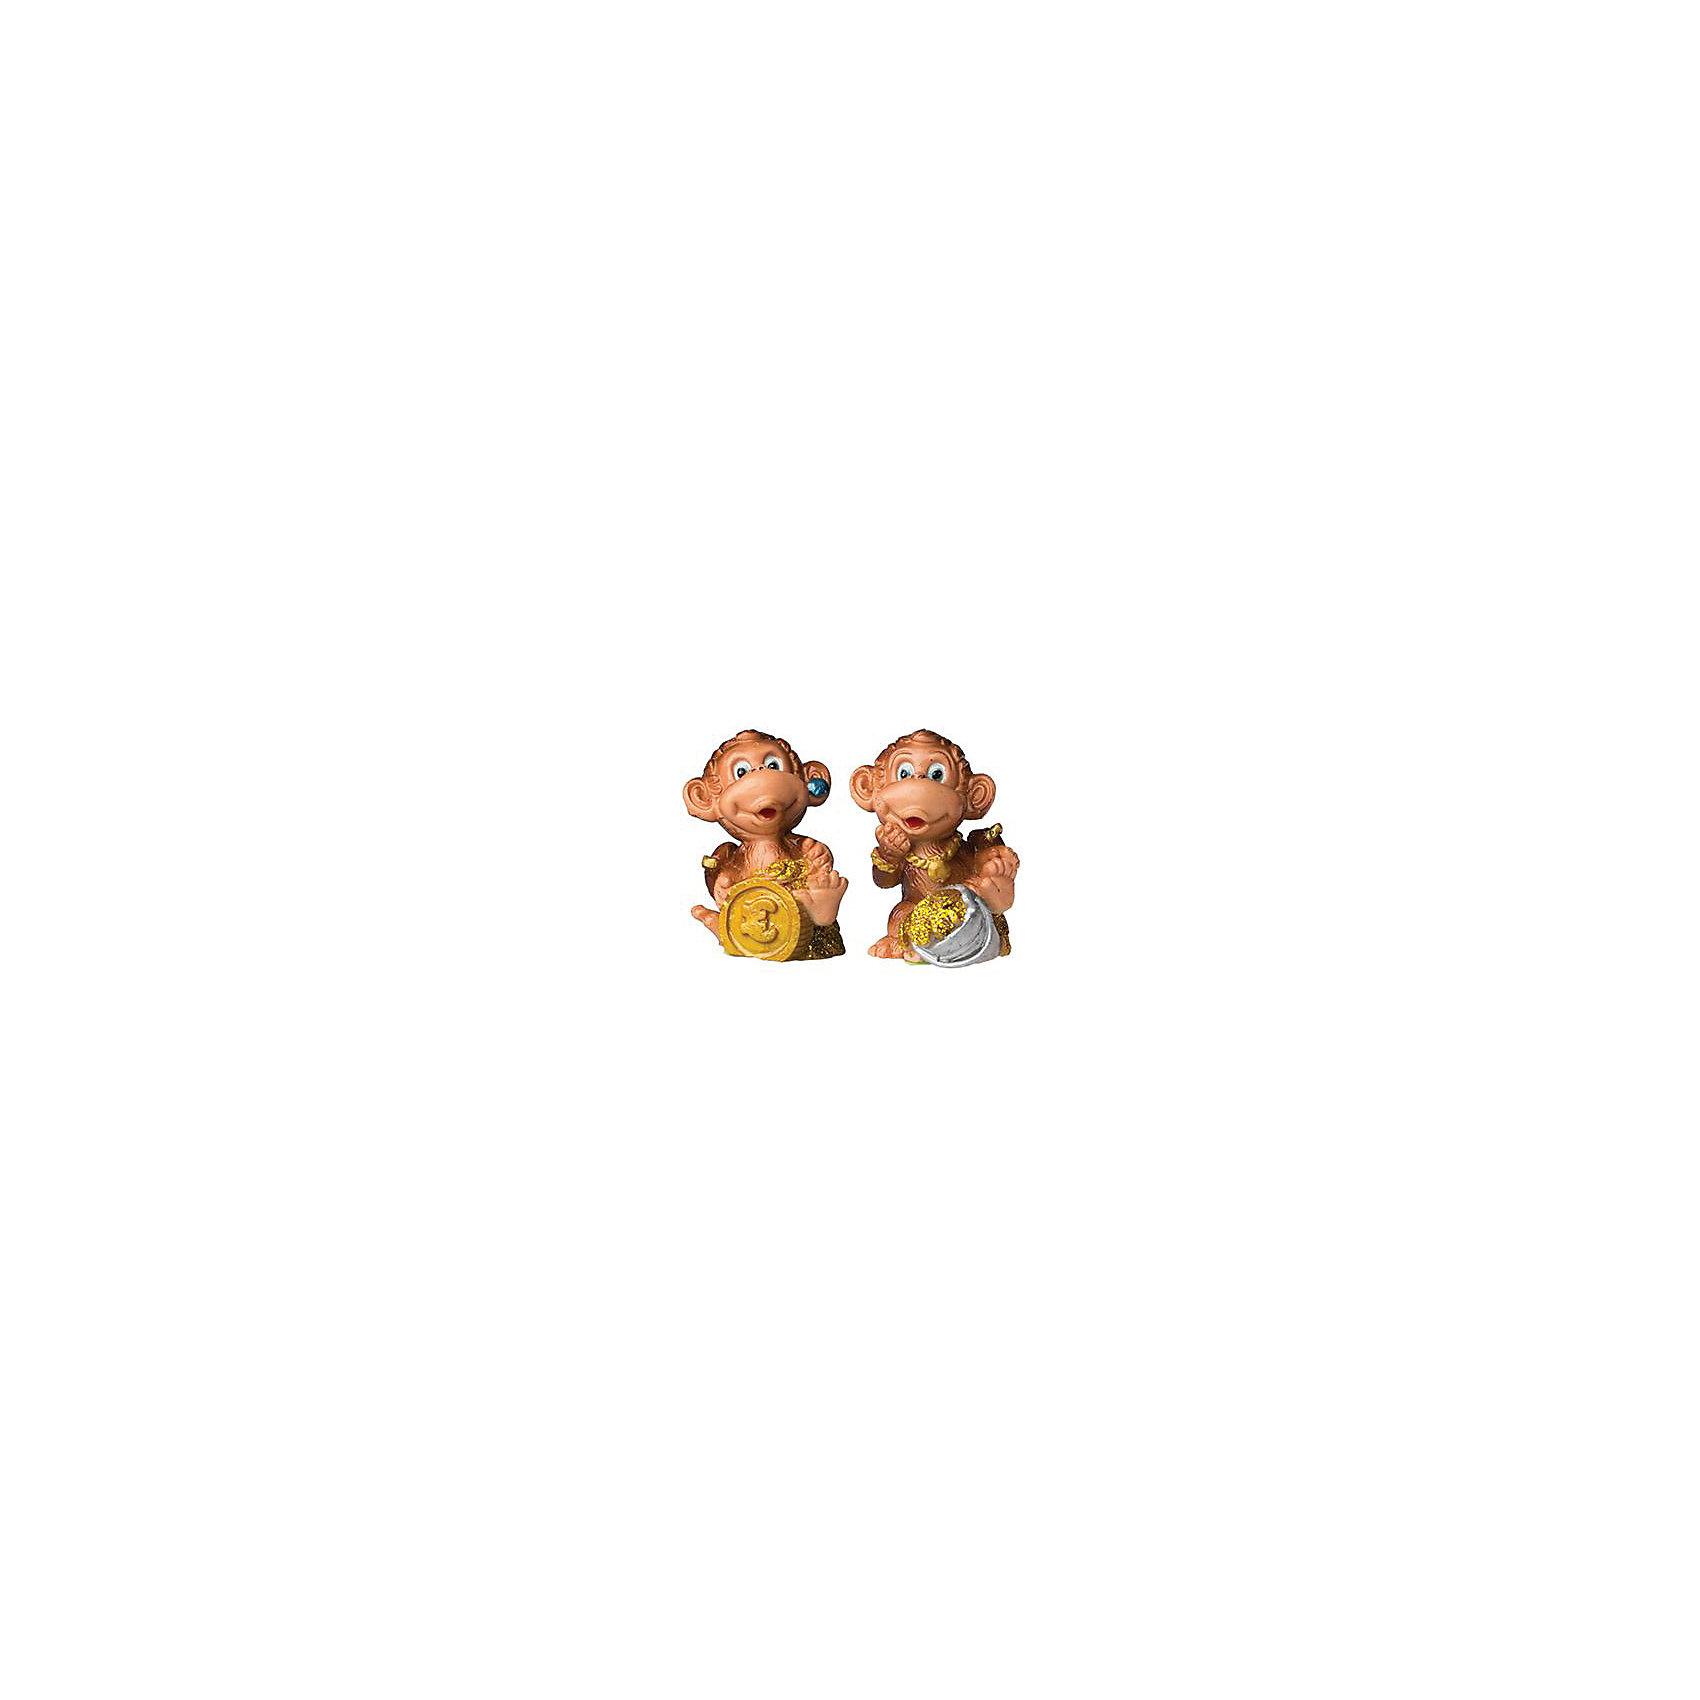 Сувенир Обезьянка с монетой, Marko FerenzoВсё для праздника<br>Сувенир Обезьянка с монетой – эта забавная фигурка принесет радость и удачу и поднимет настроение.<br>Сувенир Обезьянка с монетой станет замечательным презентом коллеге и другу, а также милым аксессуаром в праздничном интерьере. Ведь считается, что каждый год нужно иметь статуэтку с изображением символа года, чтобы она приносила в дом удачу. А эта обезьянка будет еще и притягивать деньги и принесет материальный достаток в Ваш дом.<br><br>Дополнительная информация:<br><br>- В ассортименте 2 вида<br>- Высота: 5 см.<br>- Материал: полистоун<br>- ВНИМАНИЕ! Данный артикул представлен в разных вариантах исполнения. К сожалению, заранее выбрать определенный вариант невозможно. При заказе нескольких сувениров возможно получение одинаковых<br><br>Сувенир Обезьянка с монетой можно купить в нашем интернет-магазине.<br><br>Ширина мм: 35<br>Глубина мм: 35<br>Высота мм: 50<br>Вес г: 333<br>Возраст от месяцев: 36<br>Возраст до месяцев: 2147483647<br>Пол: Унисекс<br>Возраст: Детский<br>SKU: 4418946